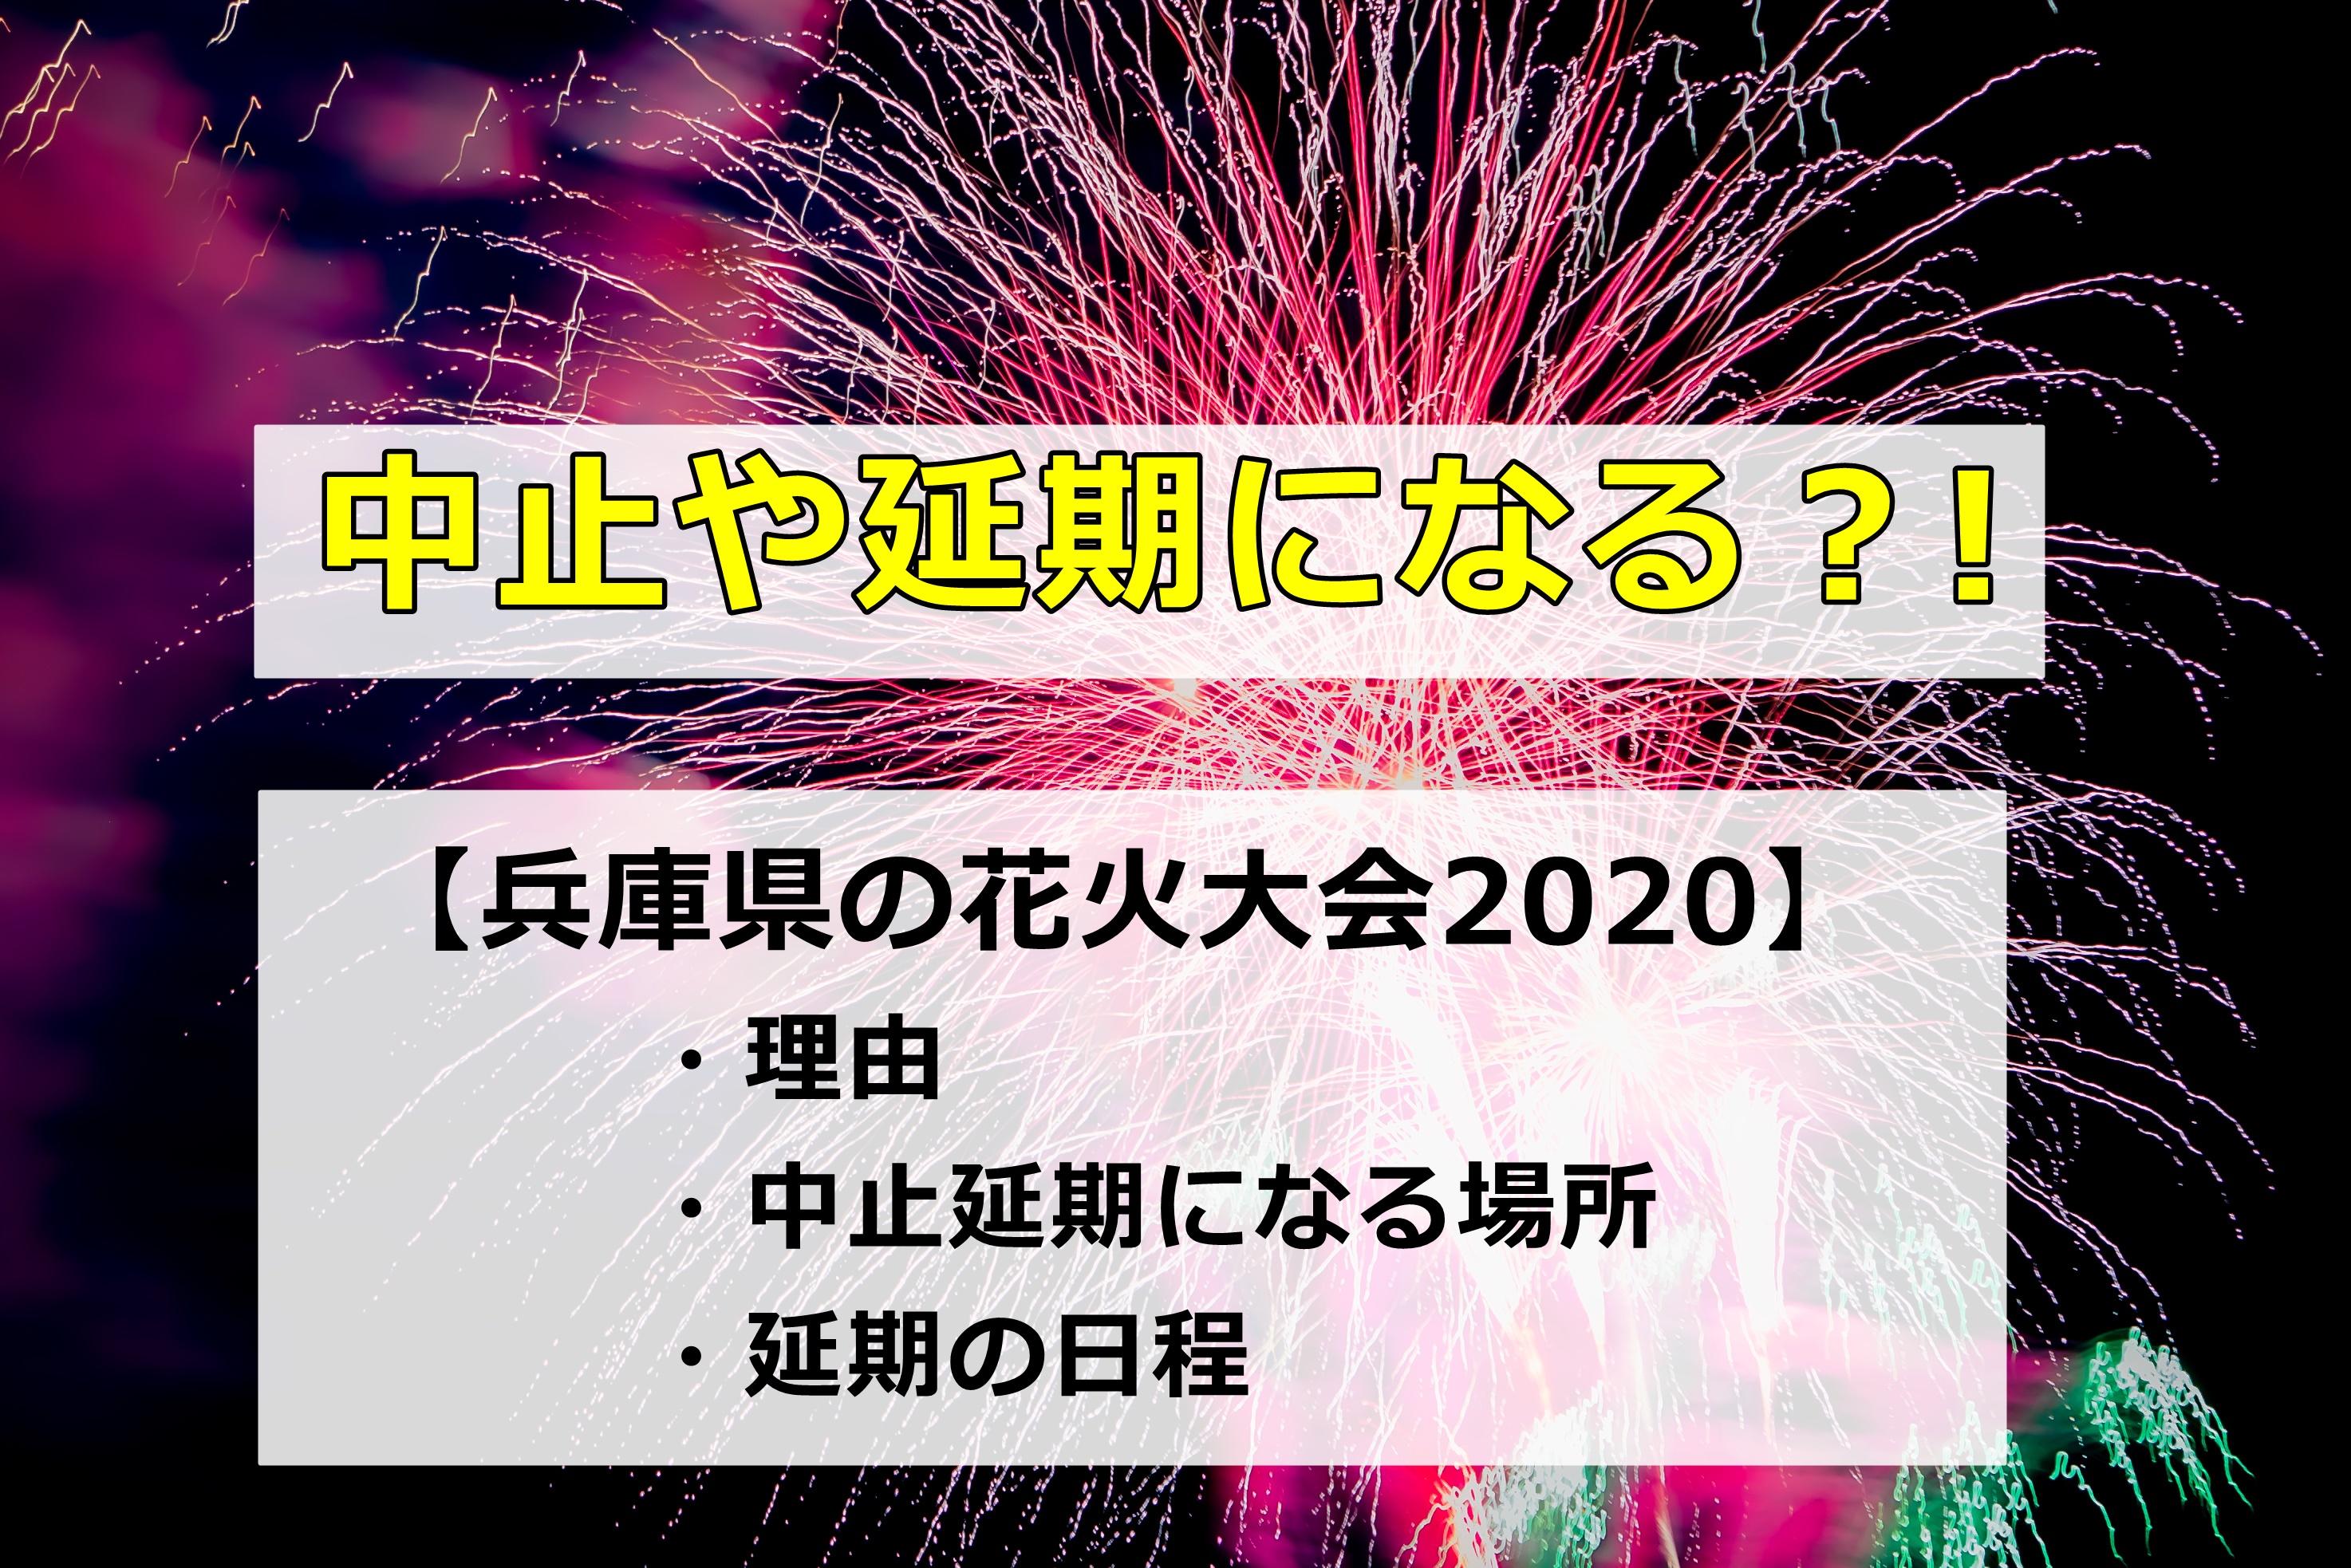 【兵庫県】花火大会2020が東京五輪で中止や延期⁈詳しい理由と場所はどこ?